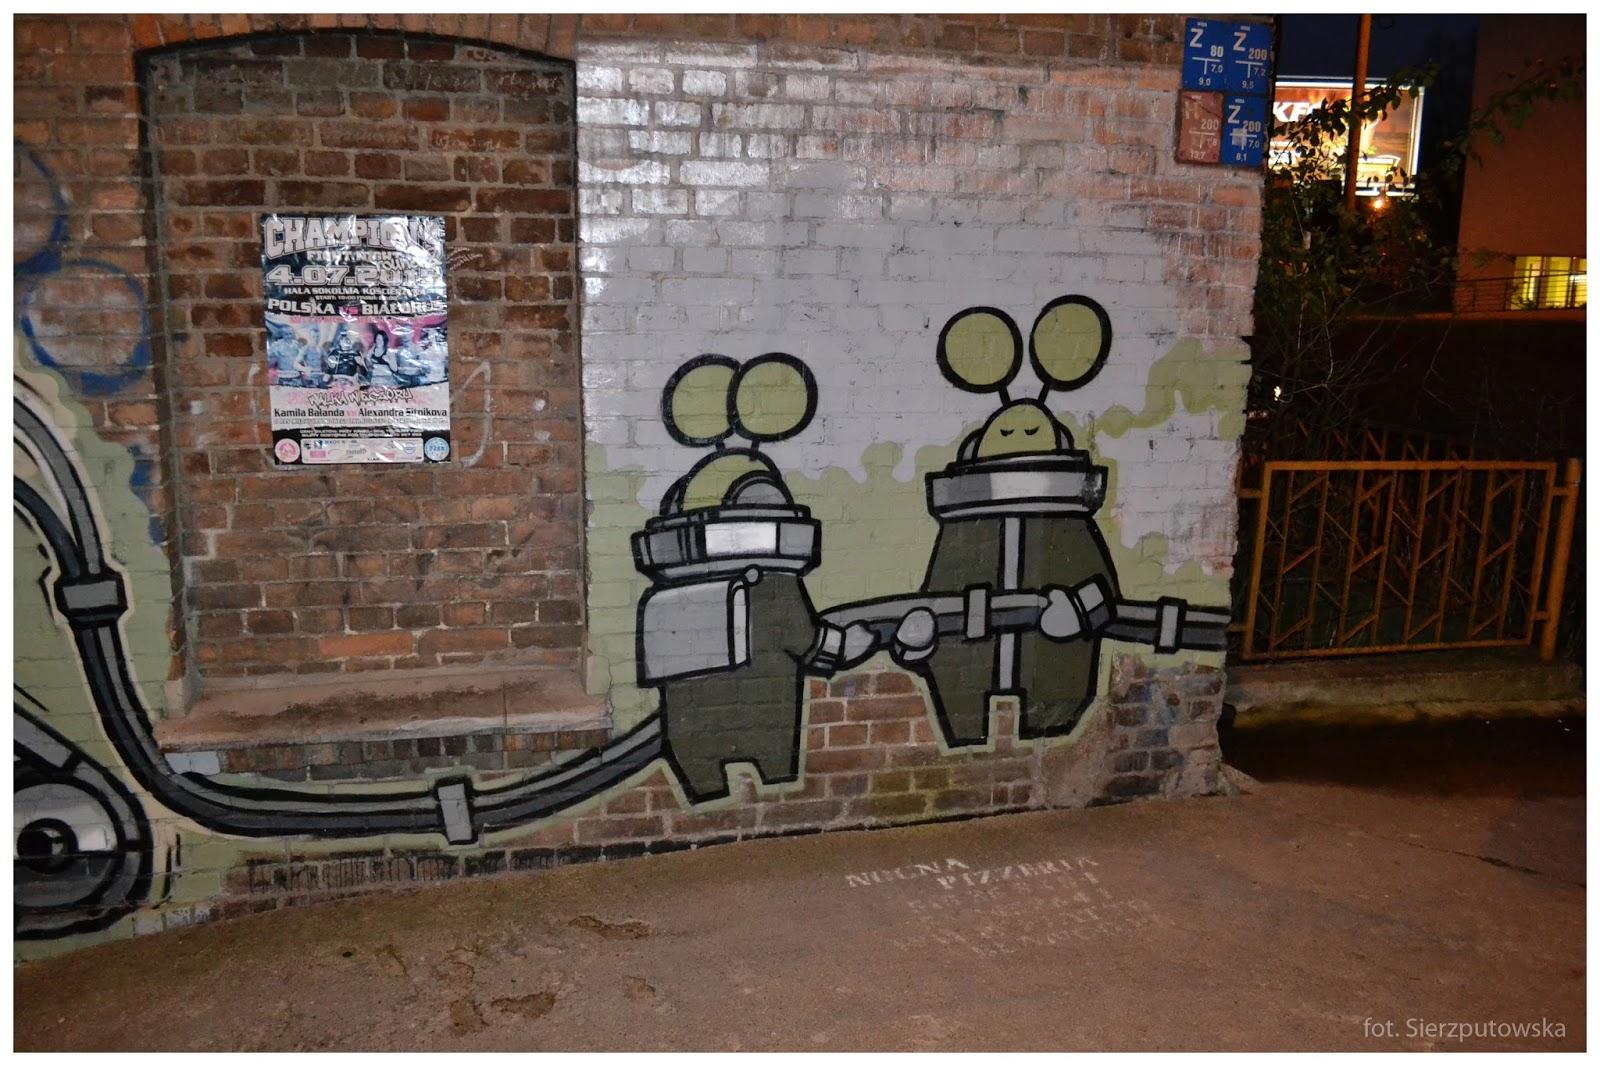 Street Art Czyli Sztuka Ludowa Kosmiczne Graffiti Uwaga Inwazja W